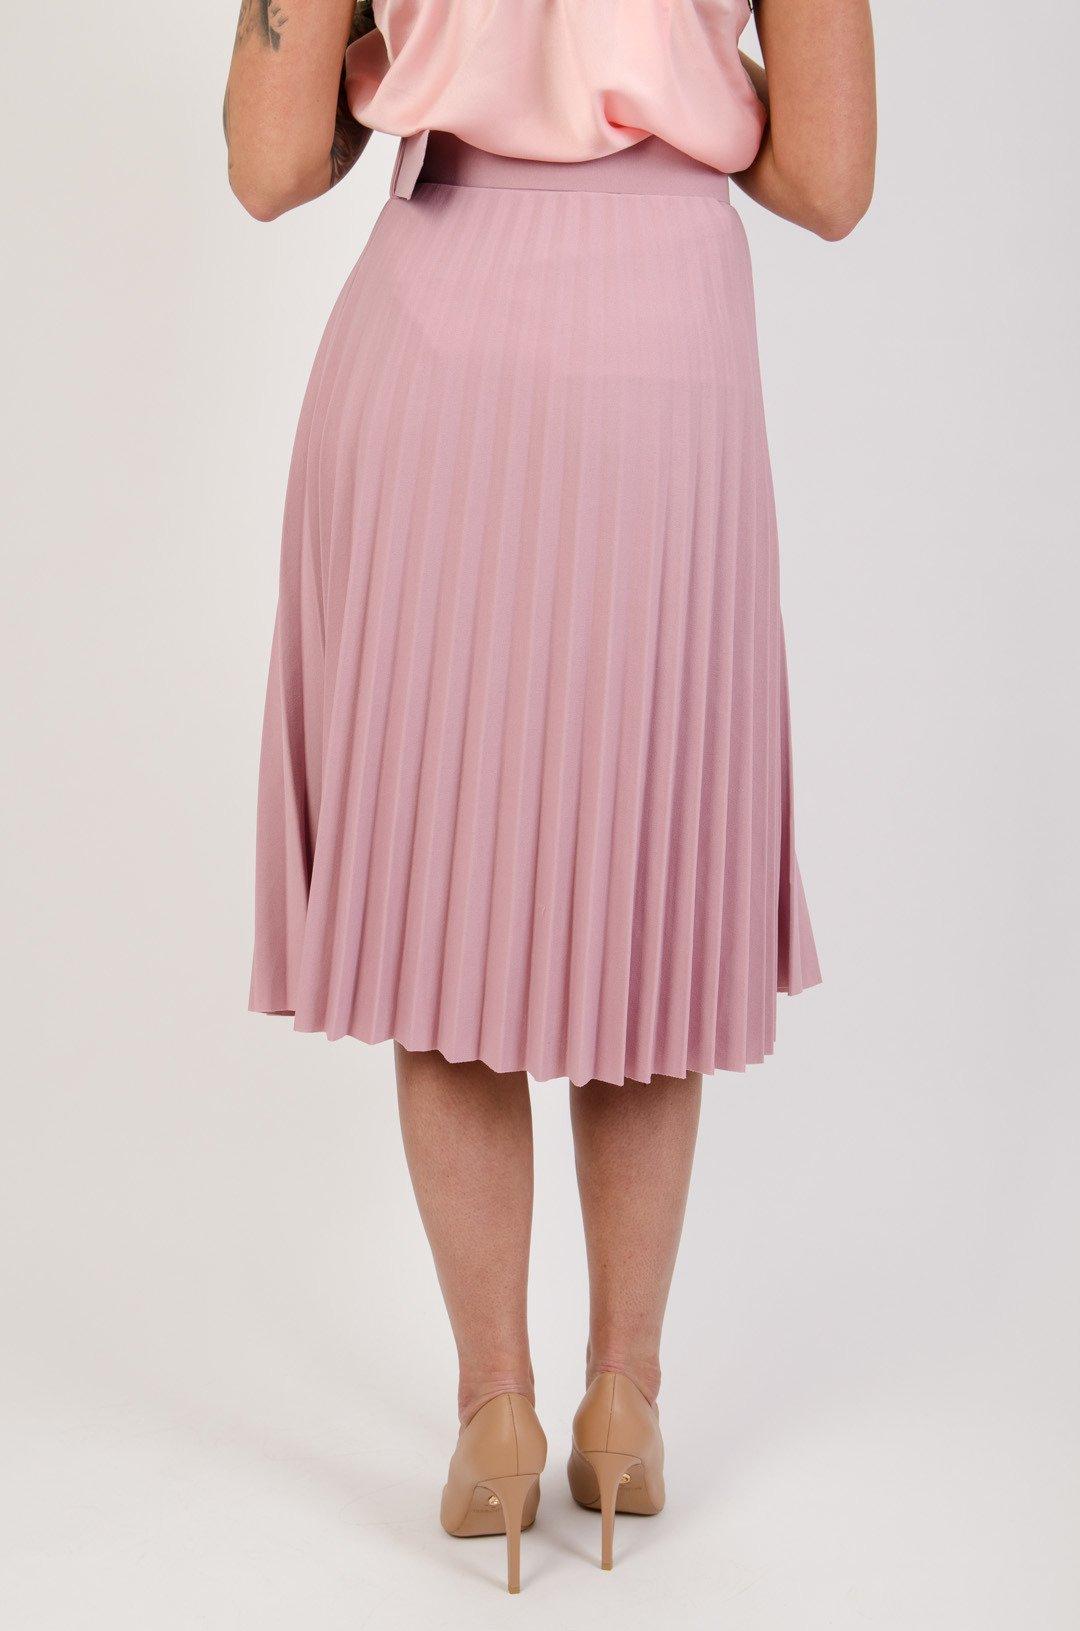 Plisowana spódnica z paskiem w kolorze brudnego różu